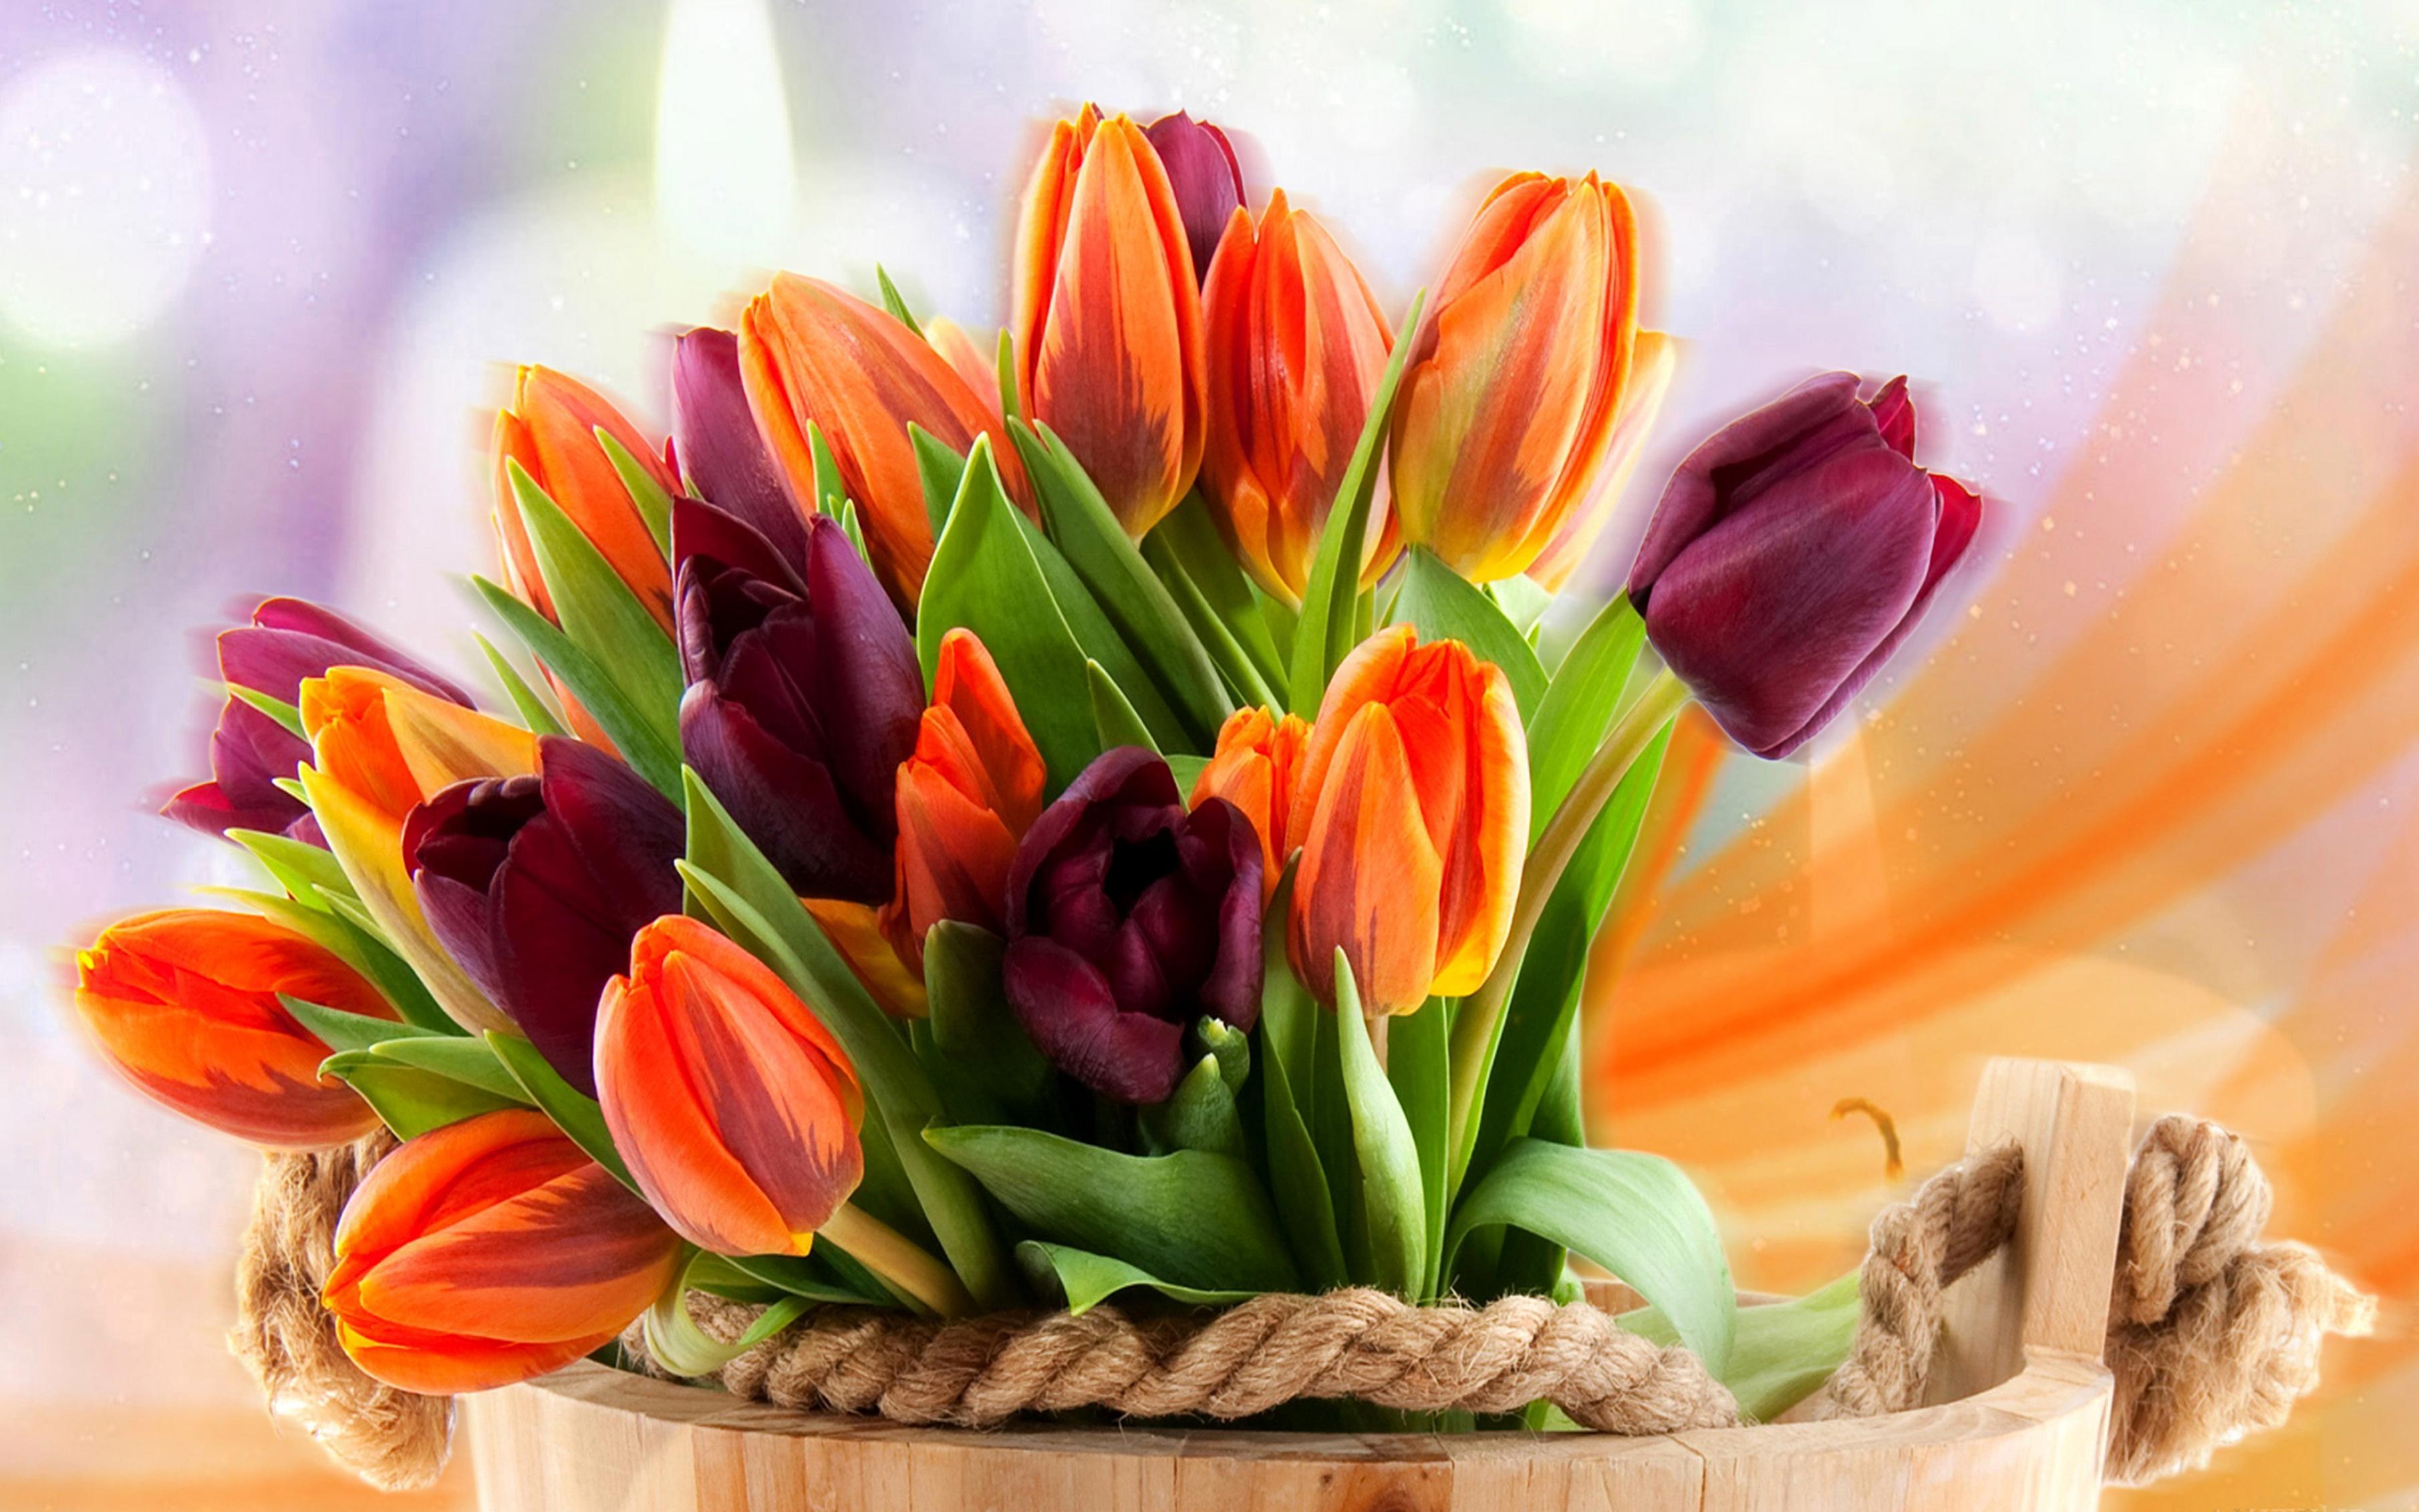 tulip-photo-76